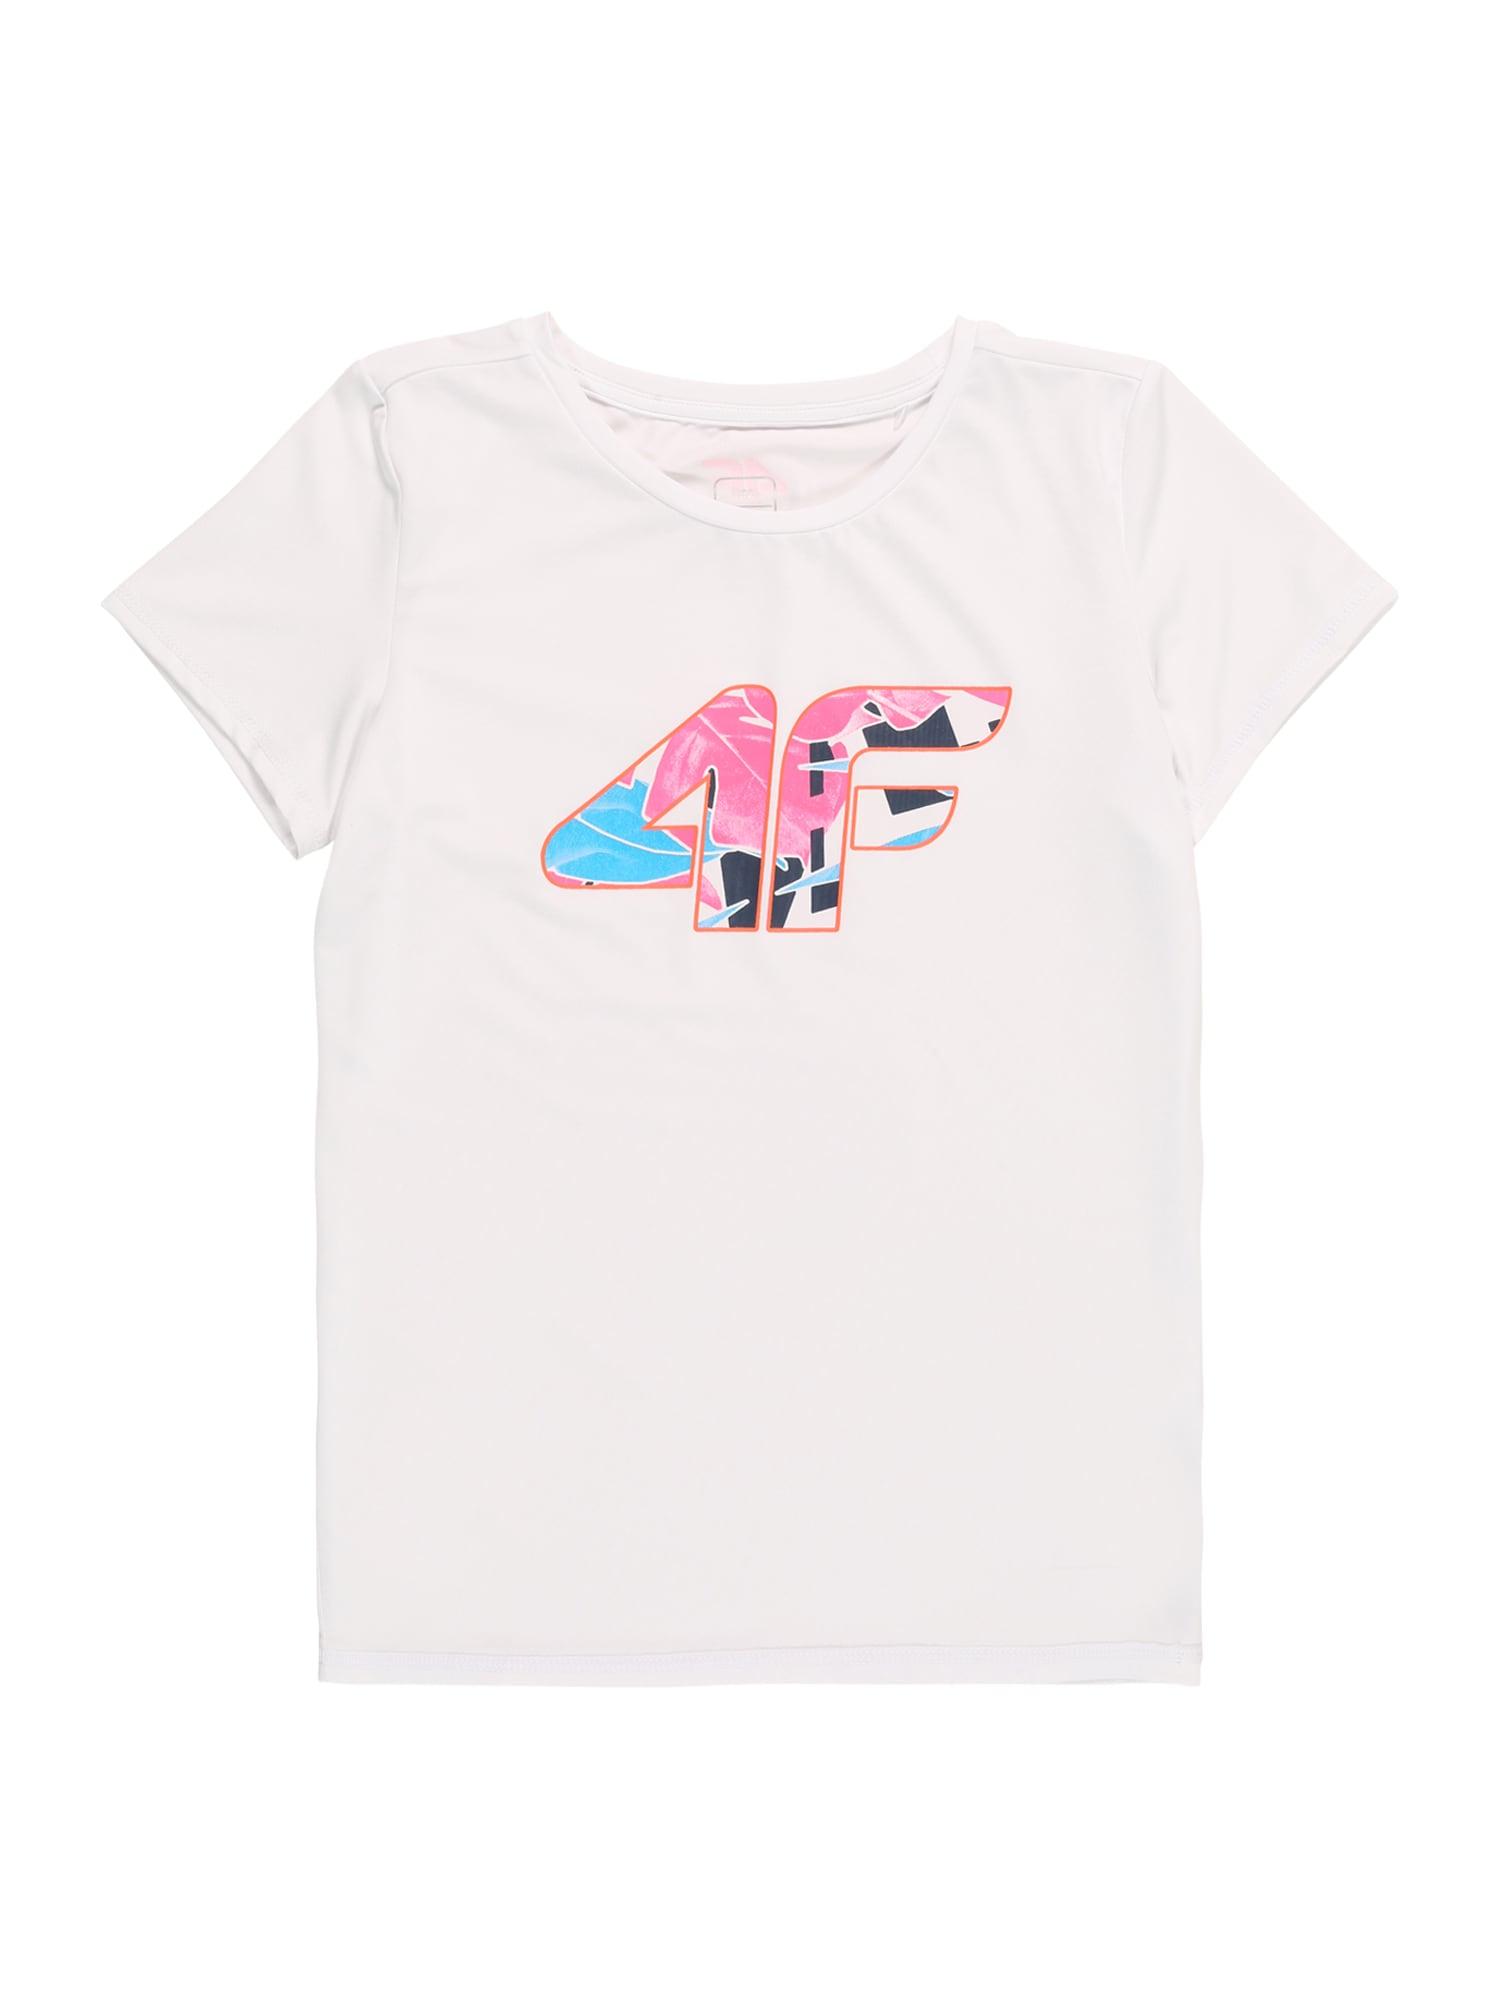 4F Sportiniai marškinėliai balta / rožinė / vandens spalva / nakties mėlyna